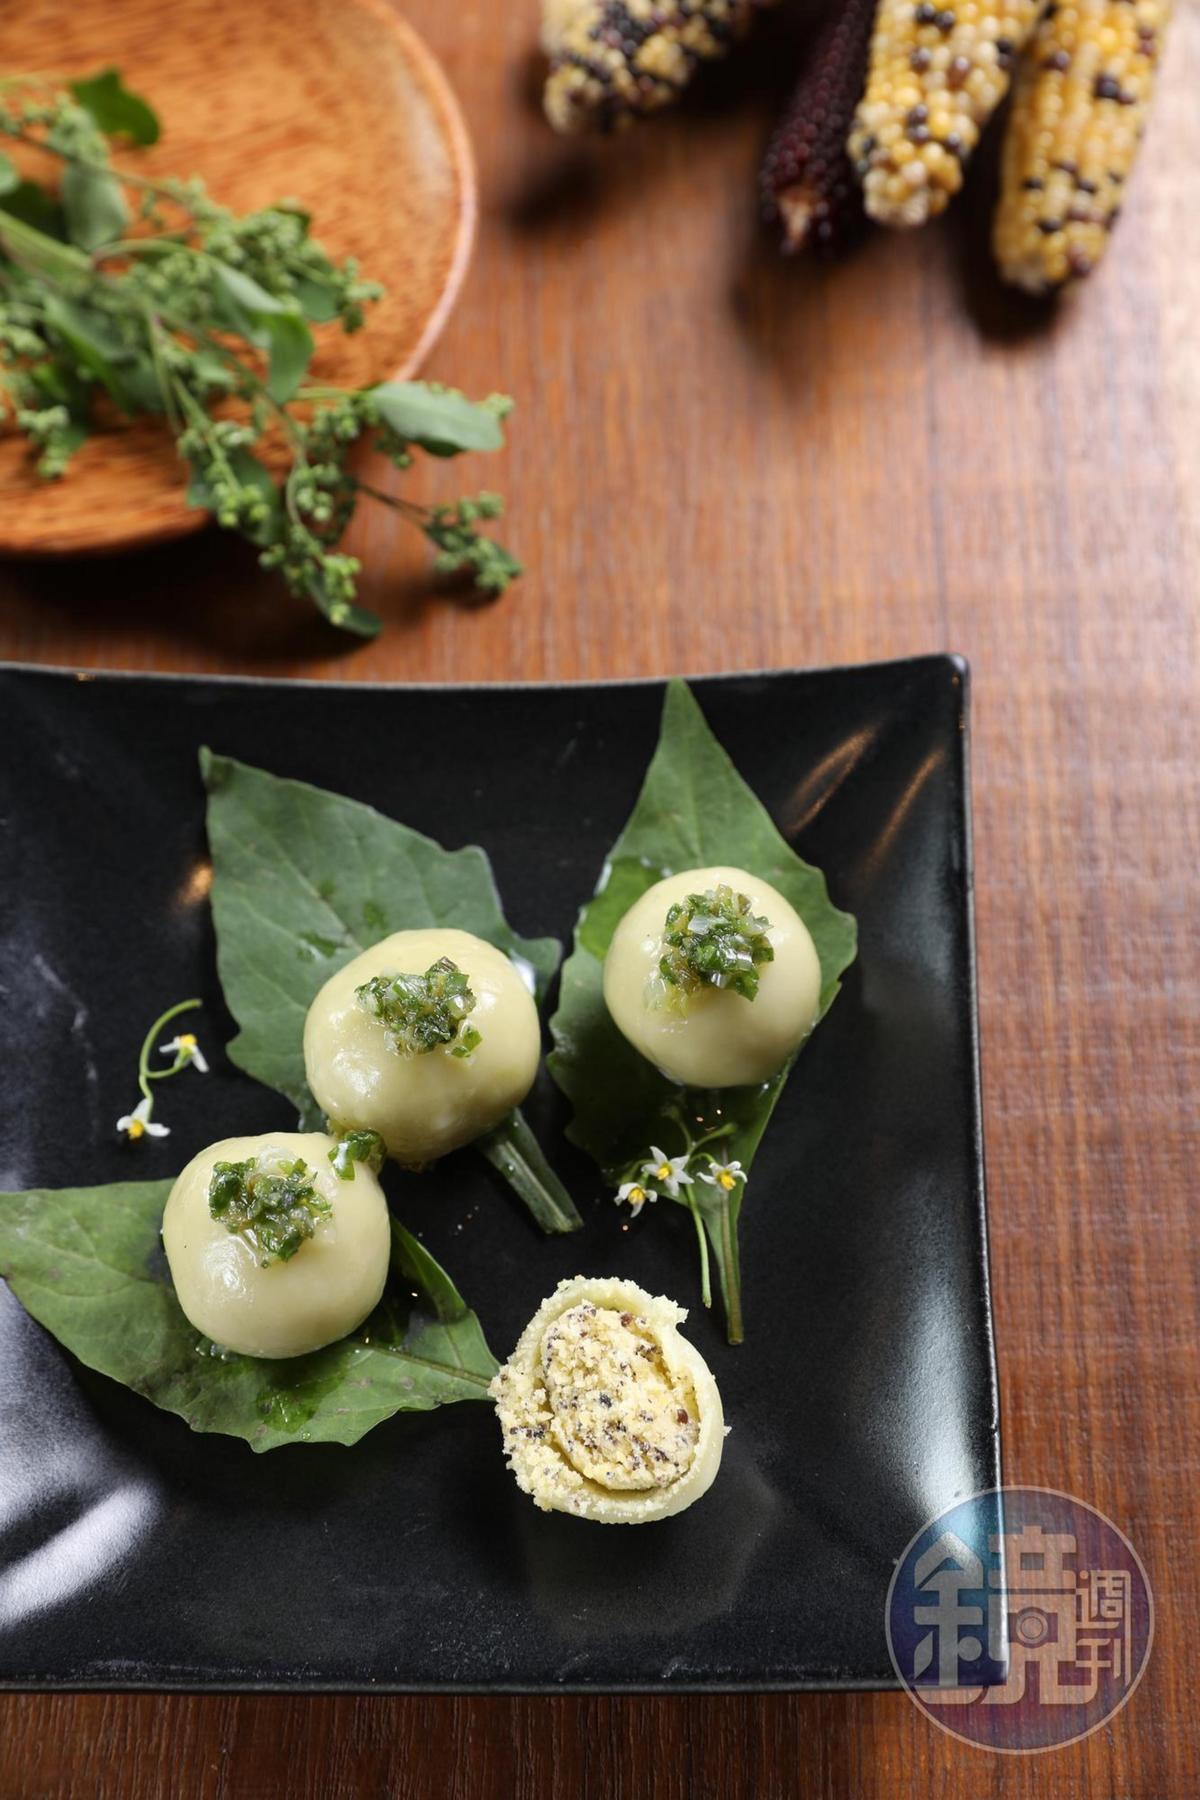 咬開「香蘭糯米糰」淋有蔥油的Q糯外皮,乾爽綠豆沙令人驚豔。(100元/份)